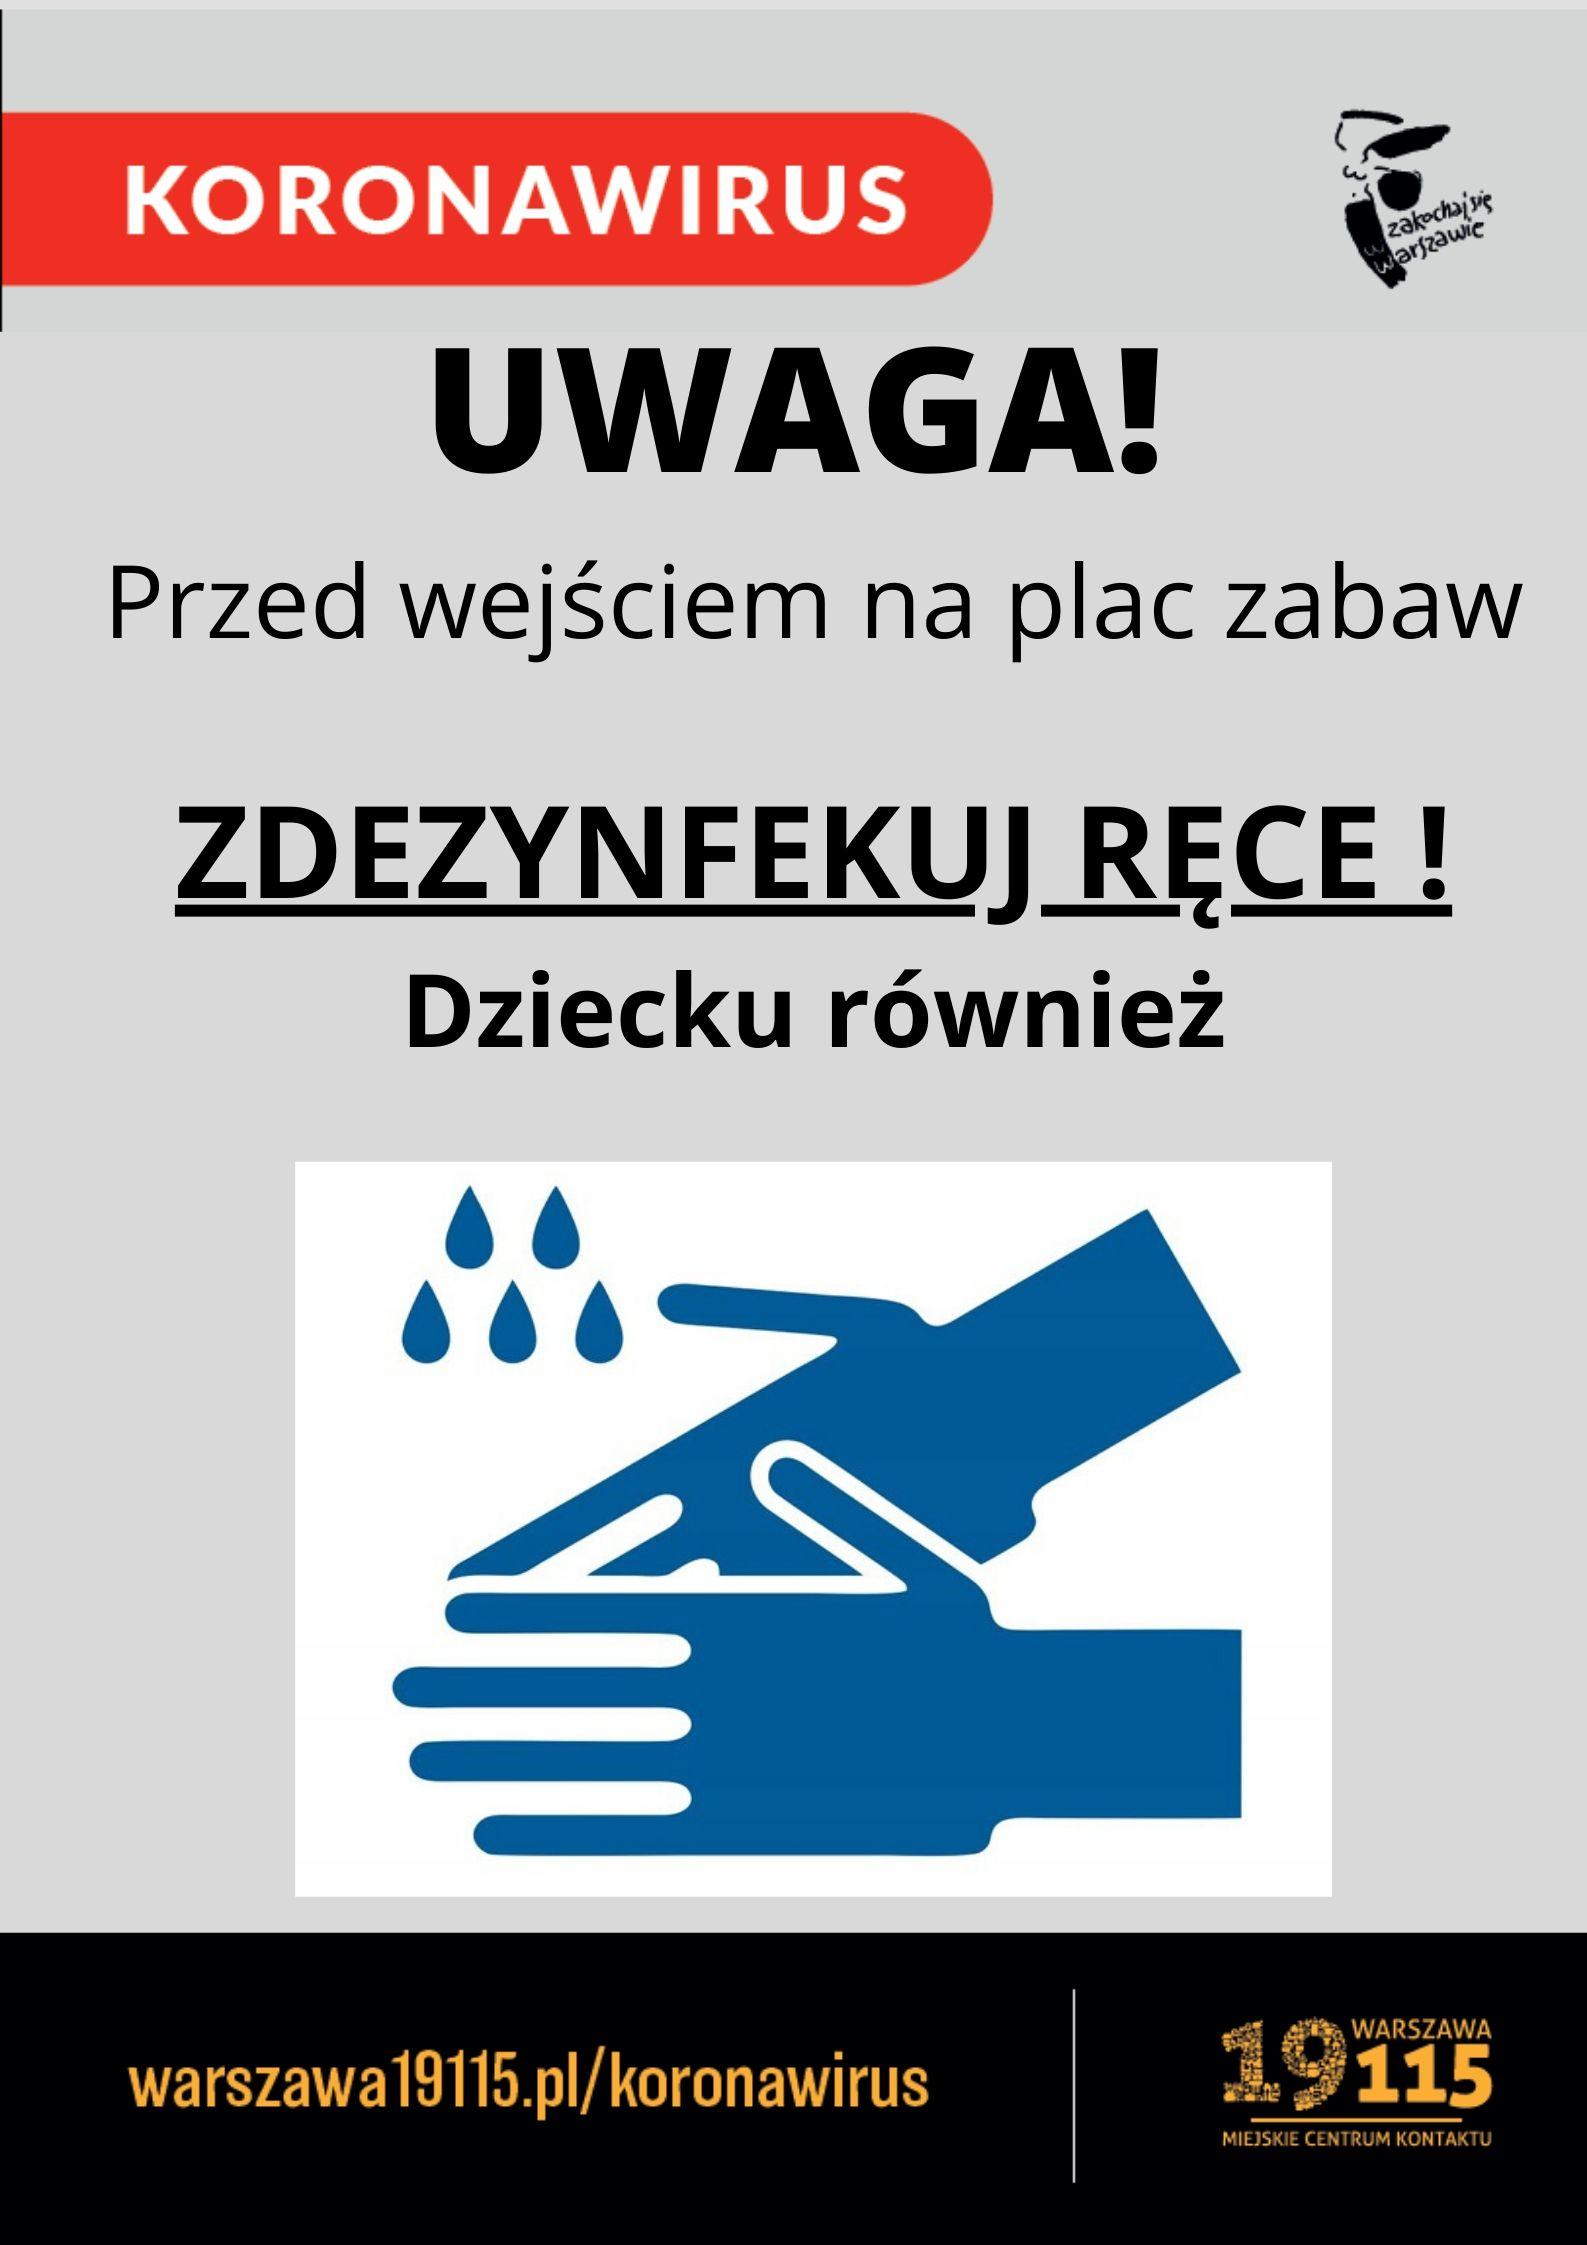 plakat informujący o dezynfekcji rąk prezd wejściem na teren placu zabaw